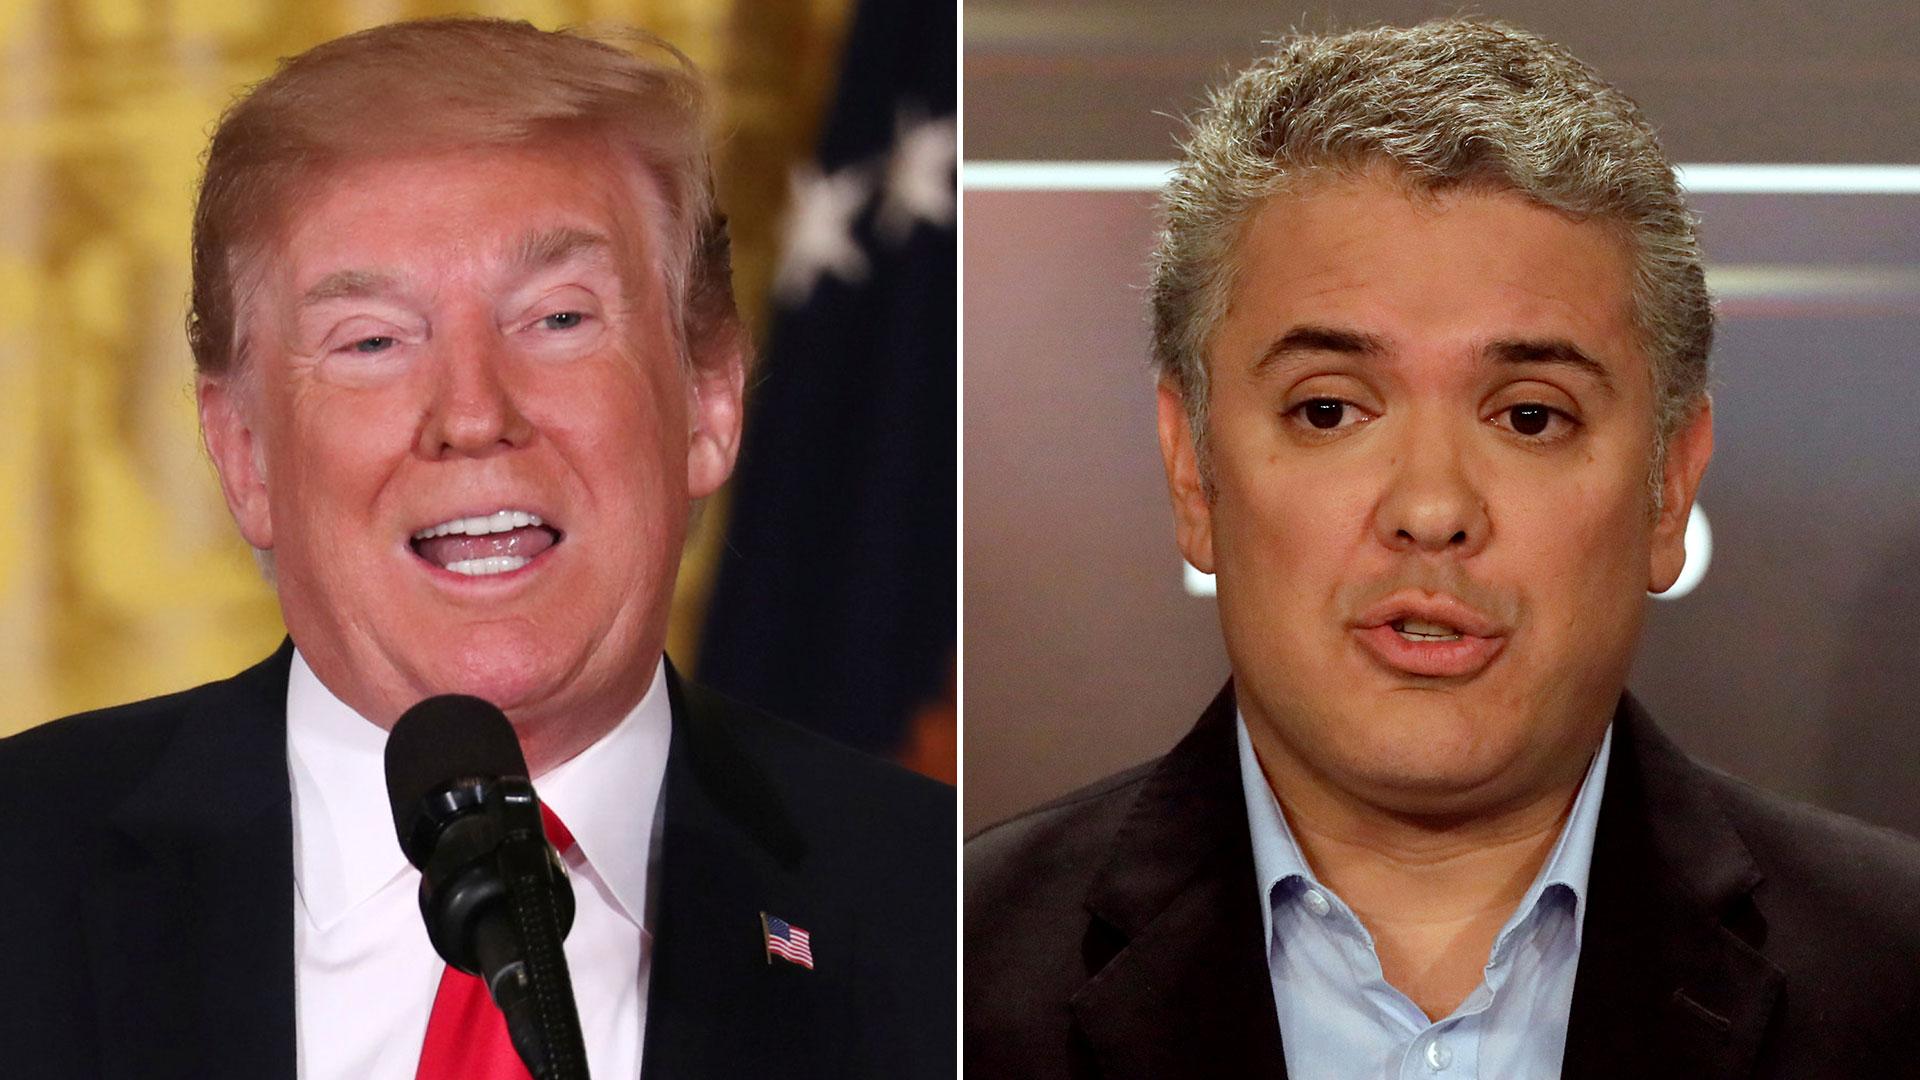 Los presidentes de Estados Unidos y Colombia, Donald Trump e Iván Duque, respectivamente.